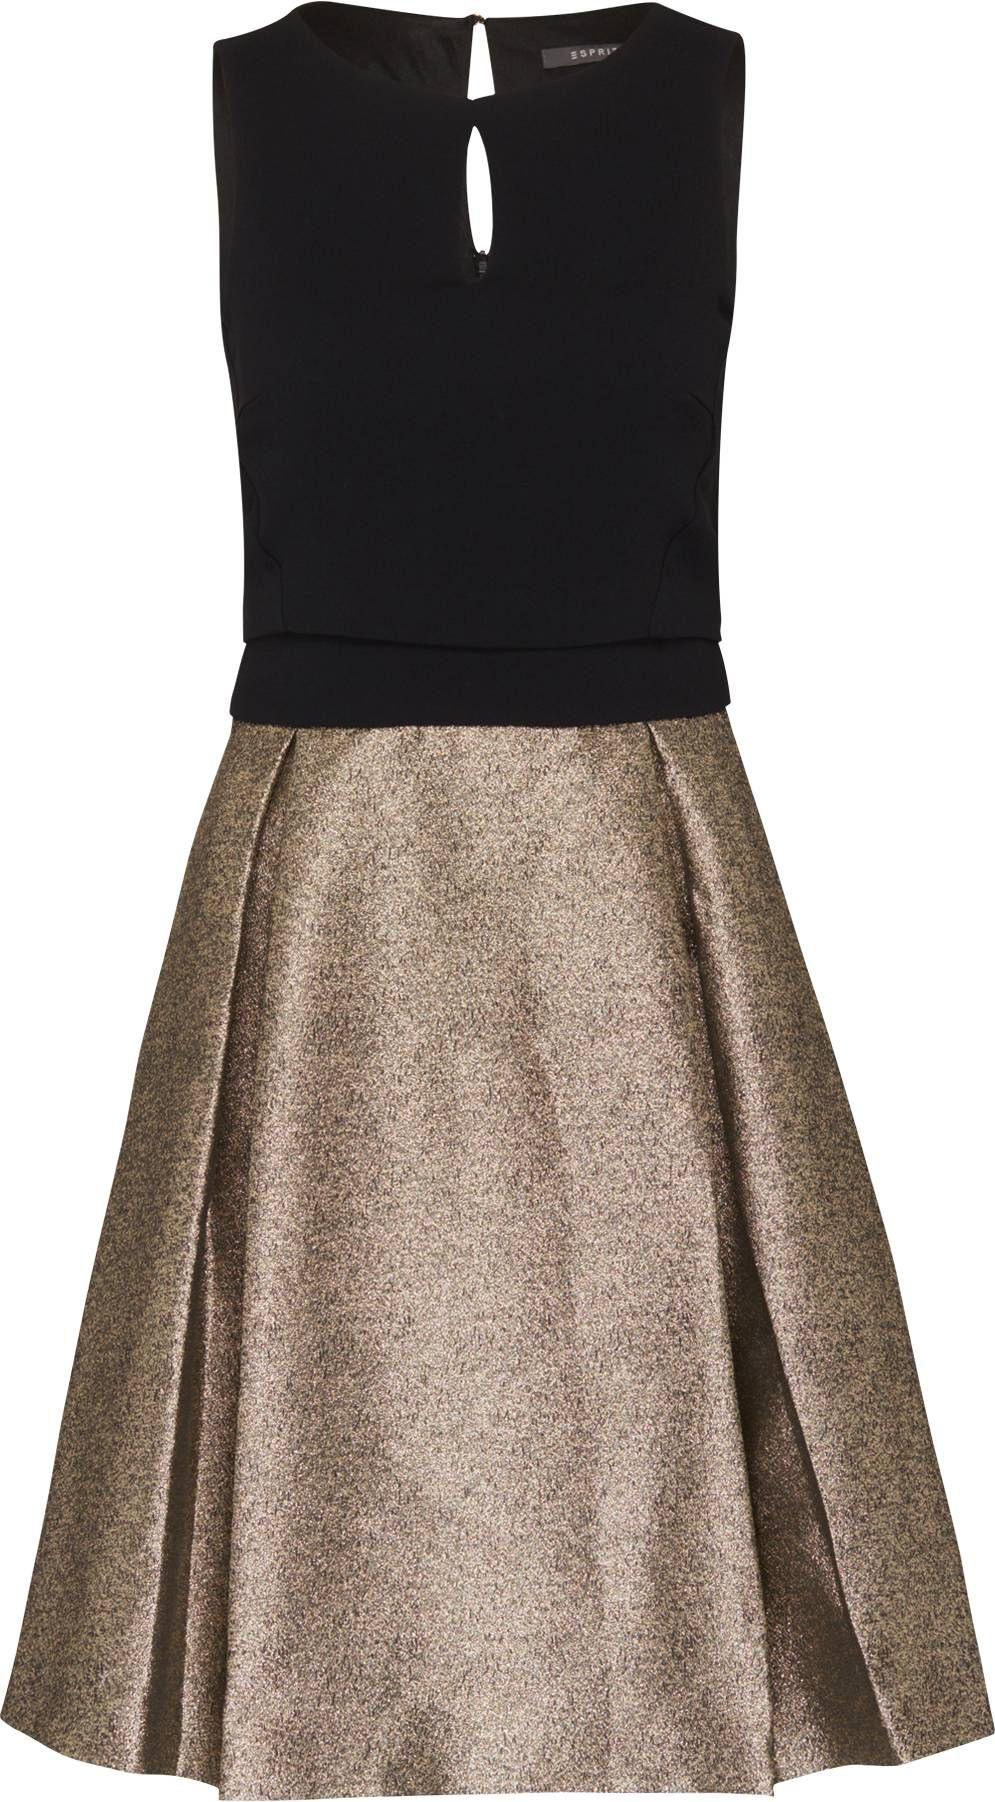 Abend Einfach Abendkleid Esprit Boutique15 Luxurius Abendkleid Esprit Bester Preis